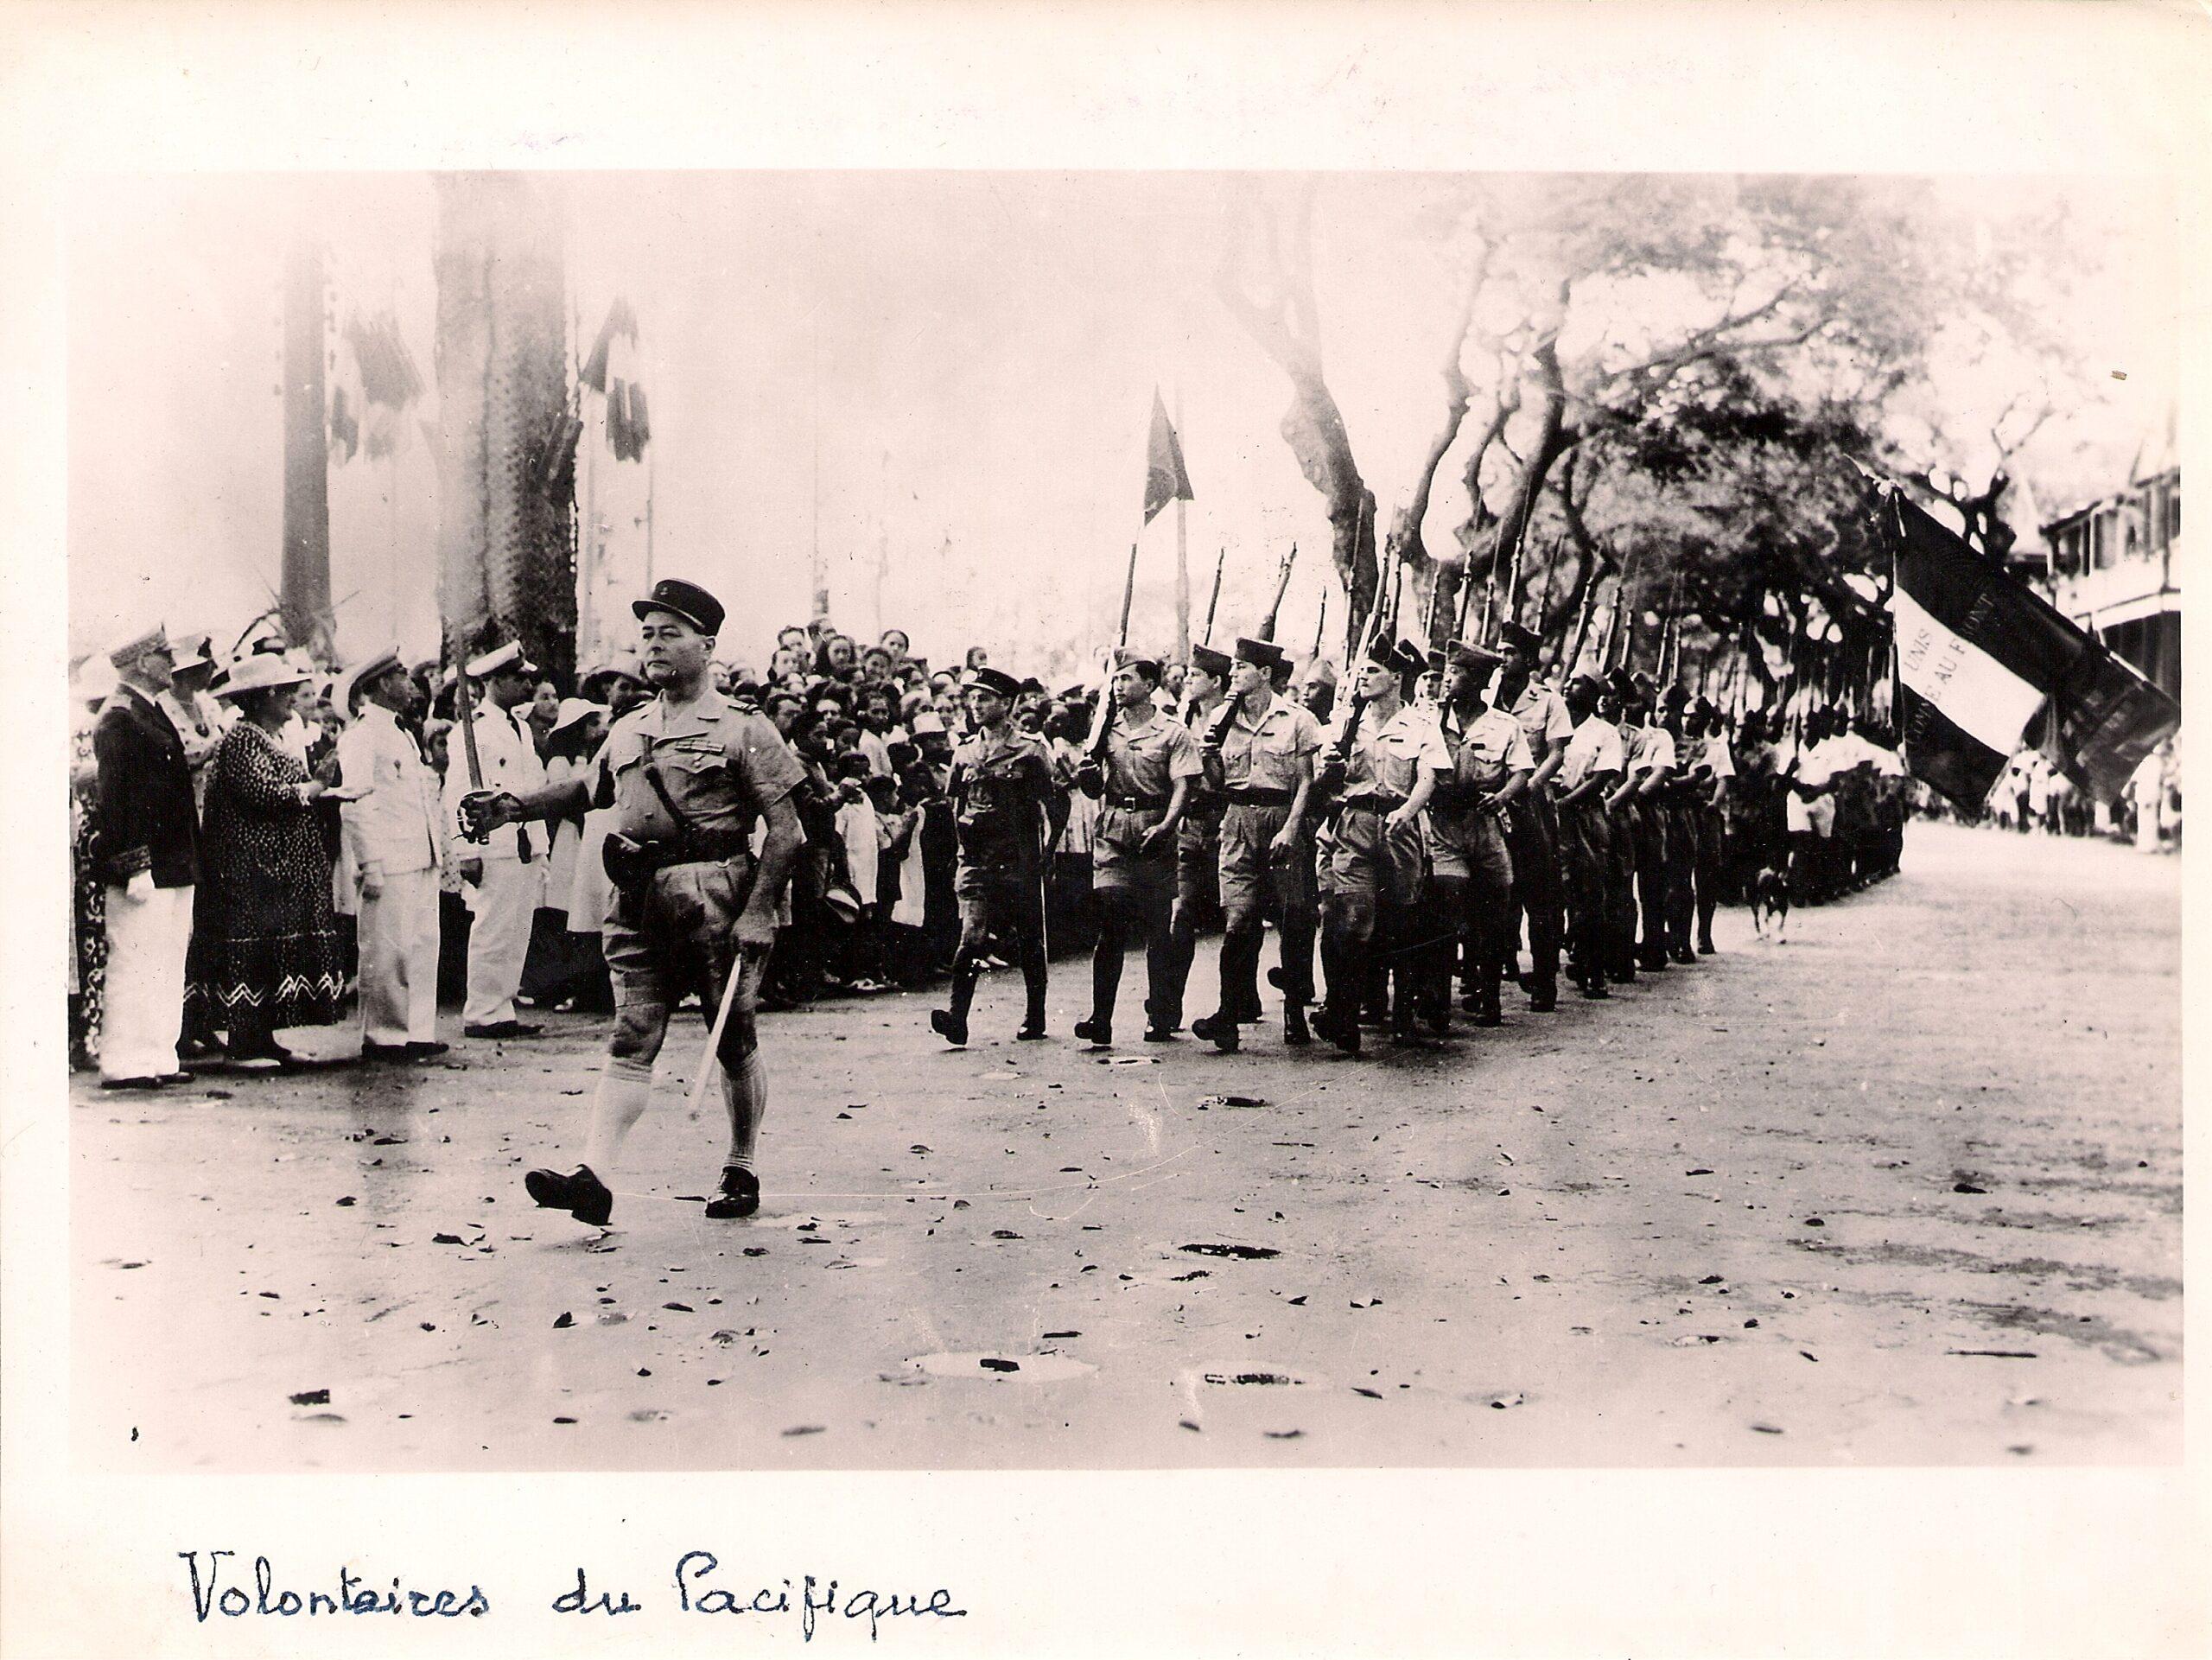 Le 18 juin 1940 à Nouméa